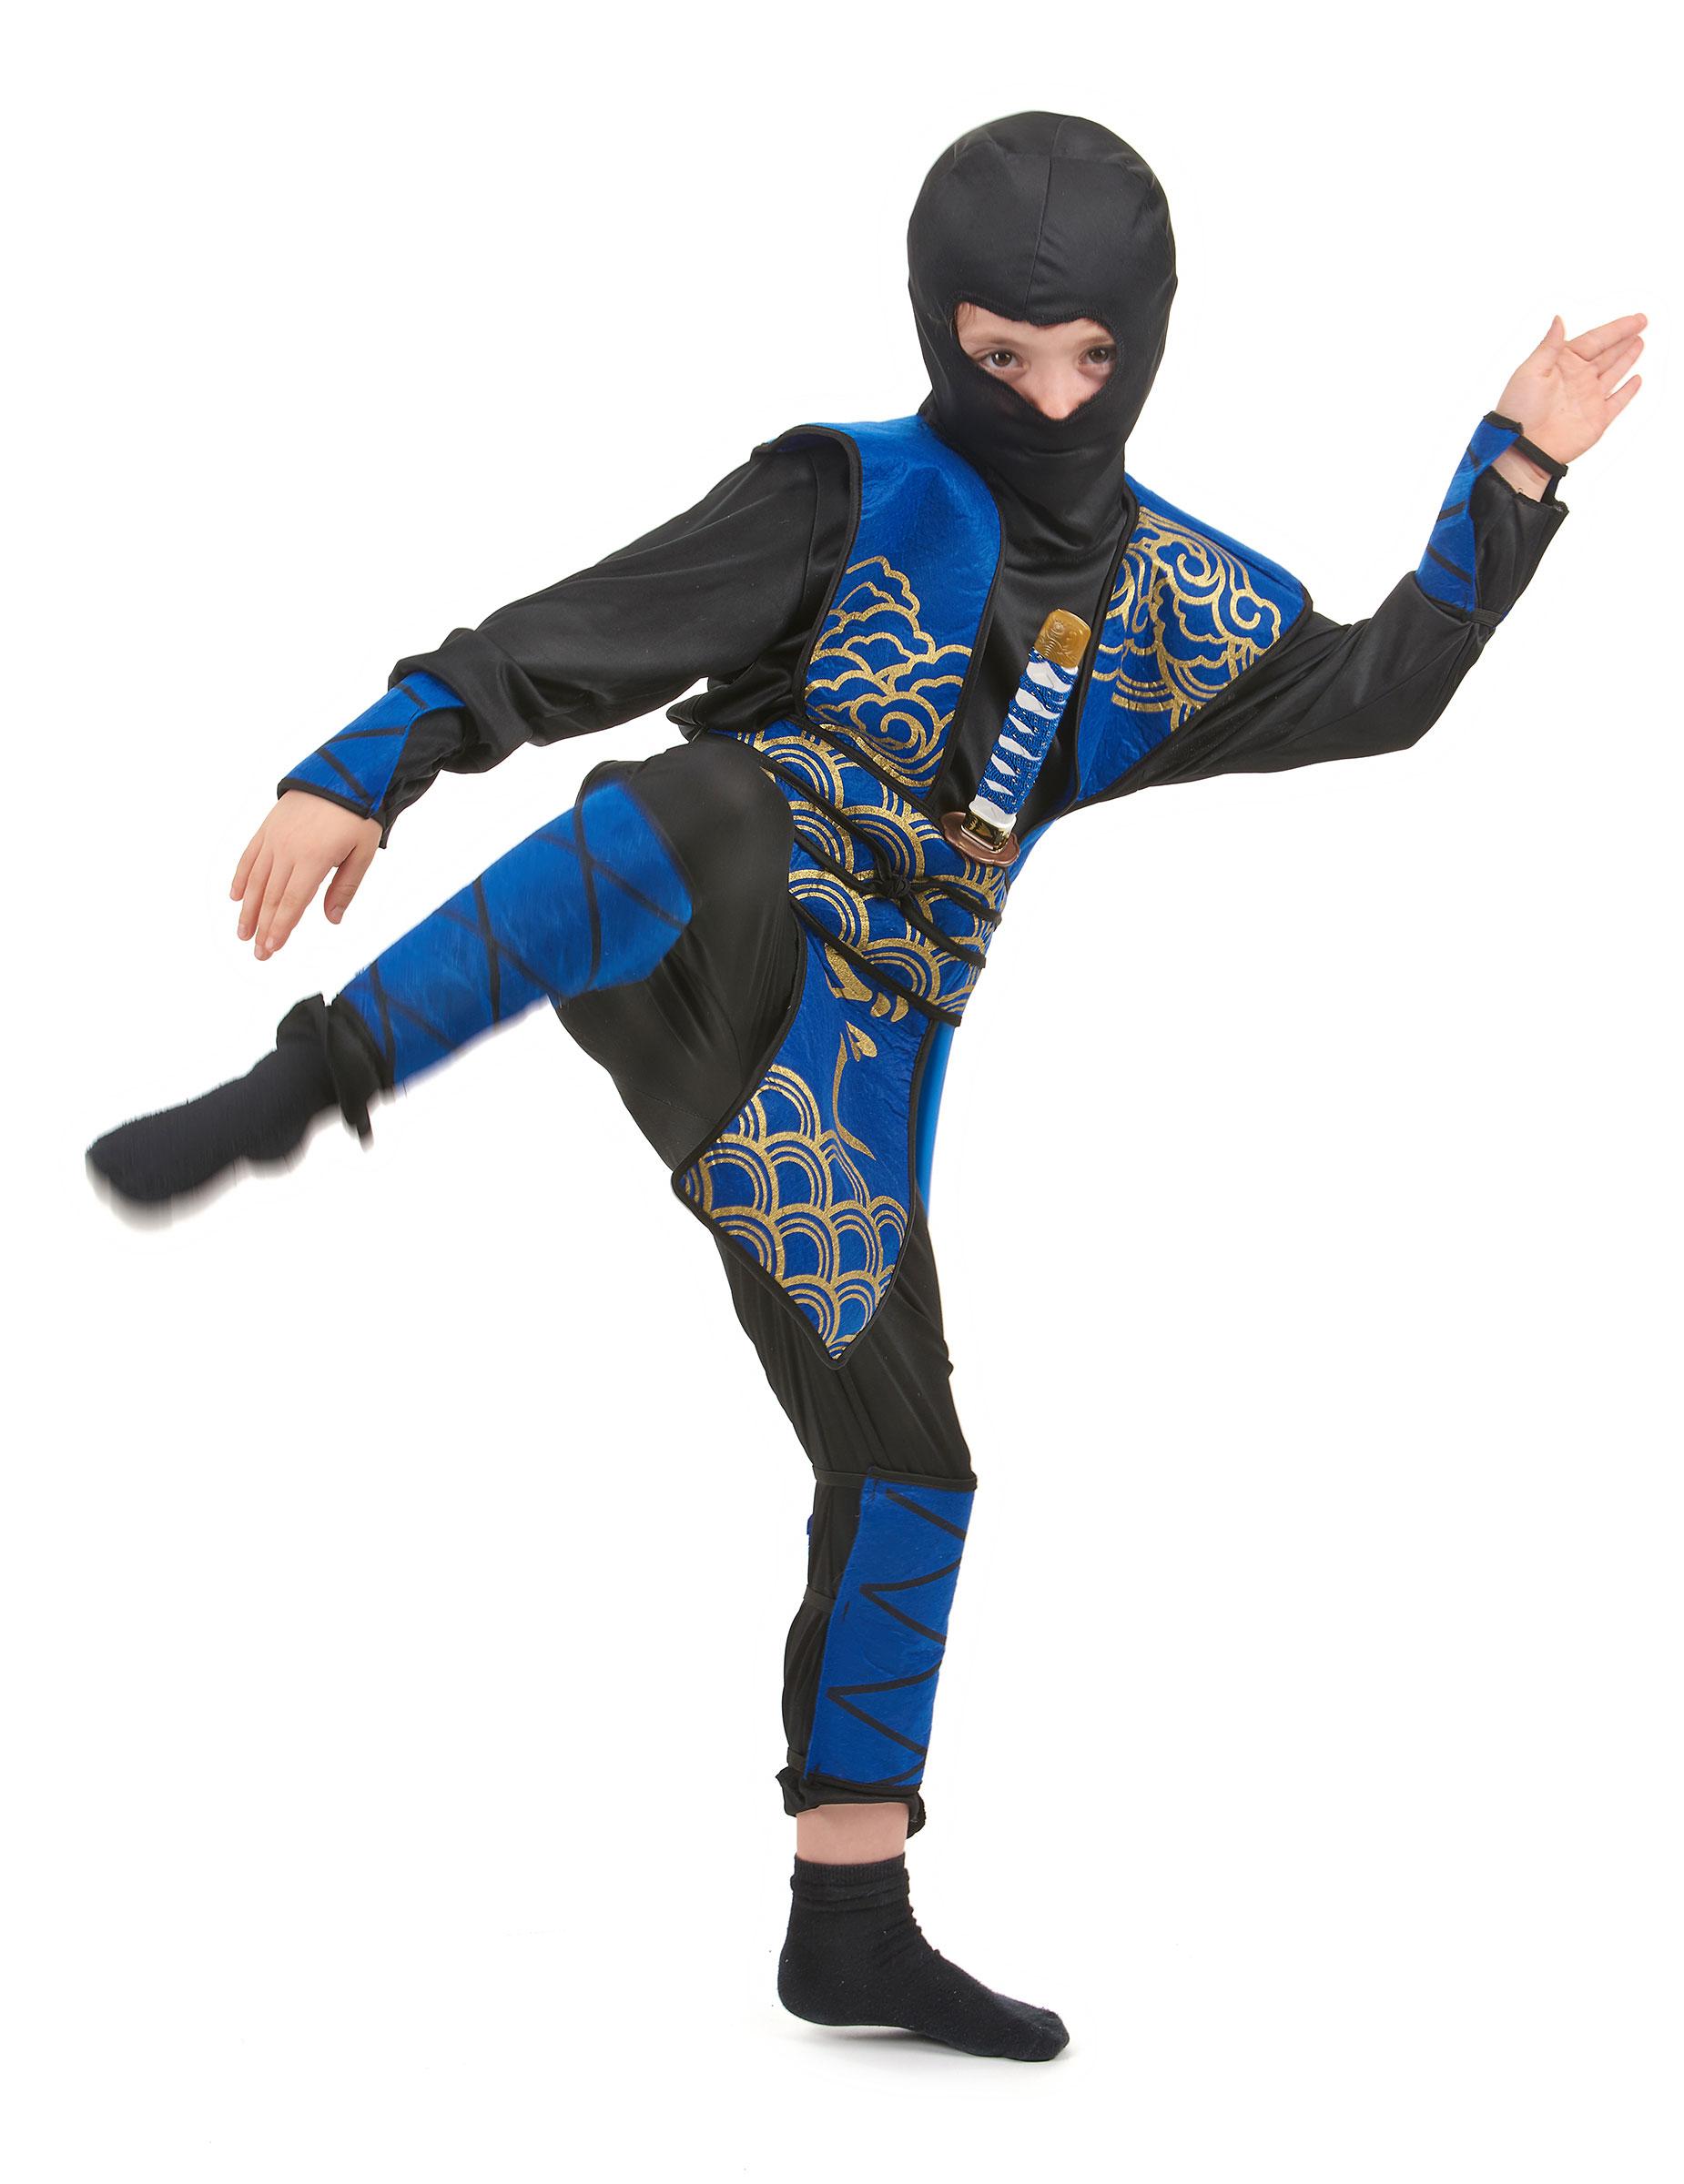 acquista online negozio di sconto Scarpe 2018 Costume ninja blu e oro per bambino: Costumi bambini,e vestiti di ...